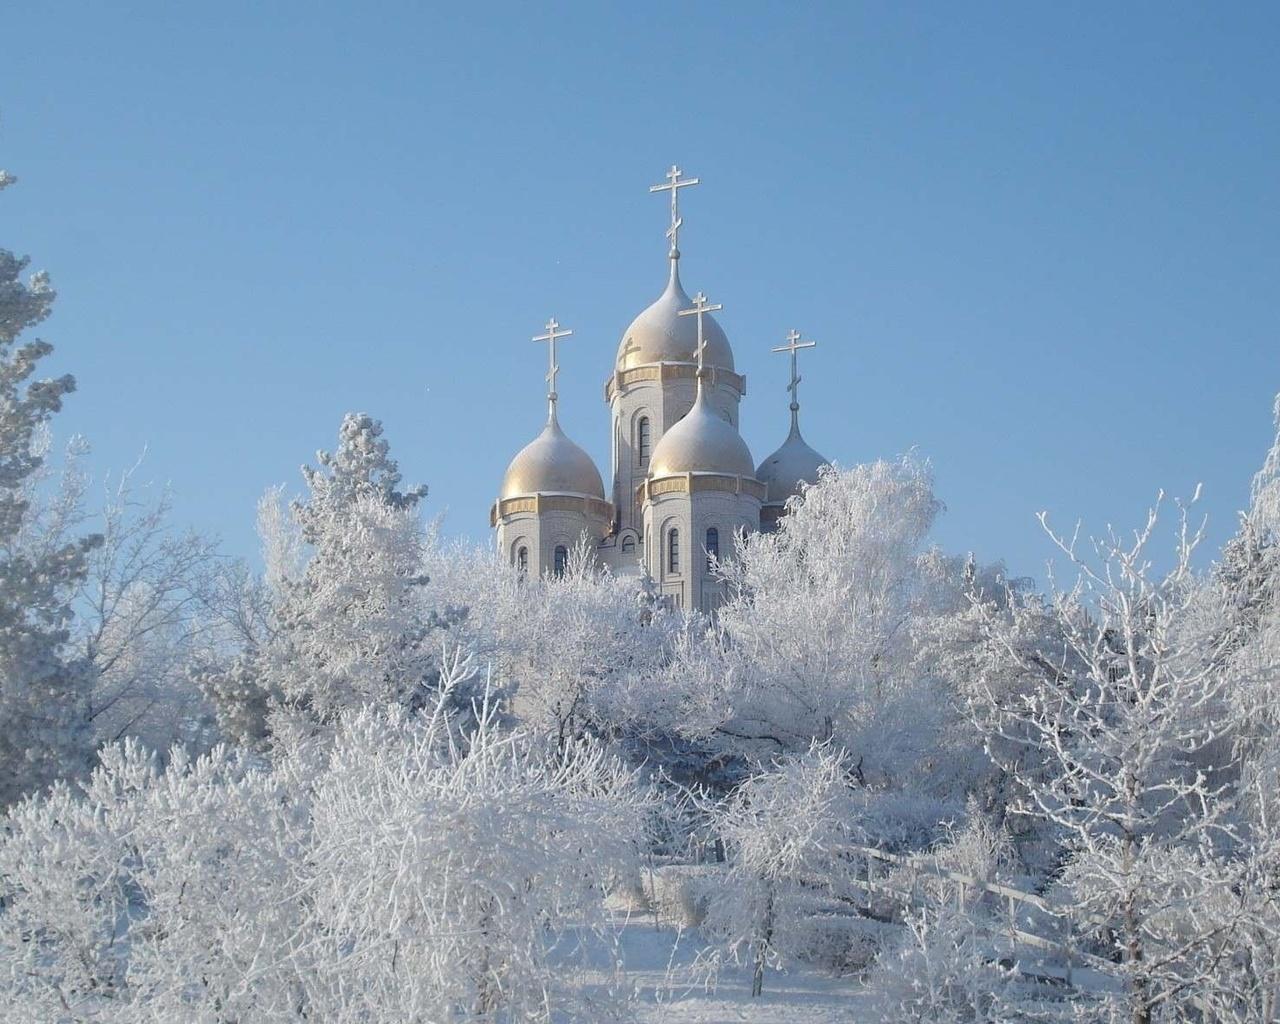 Фото красивые с рождеством христовым, днем